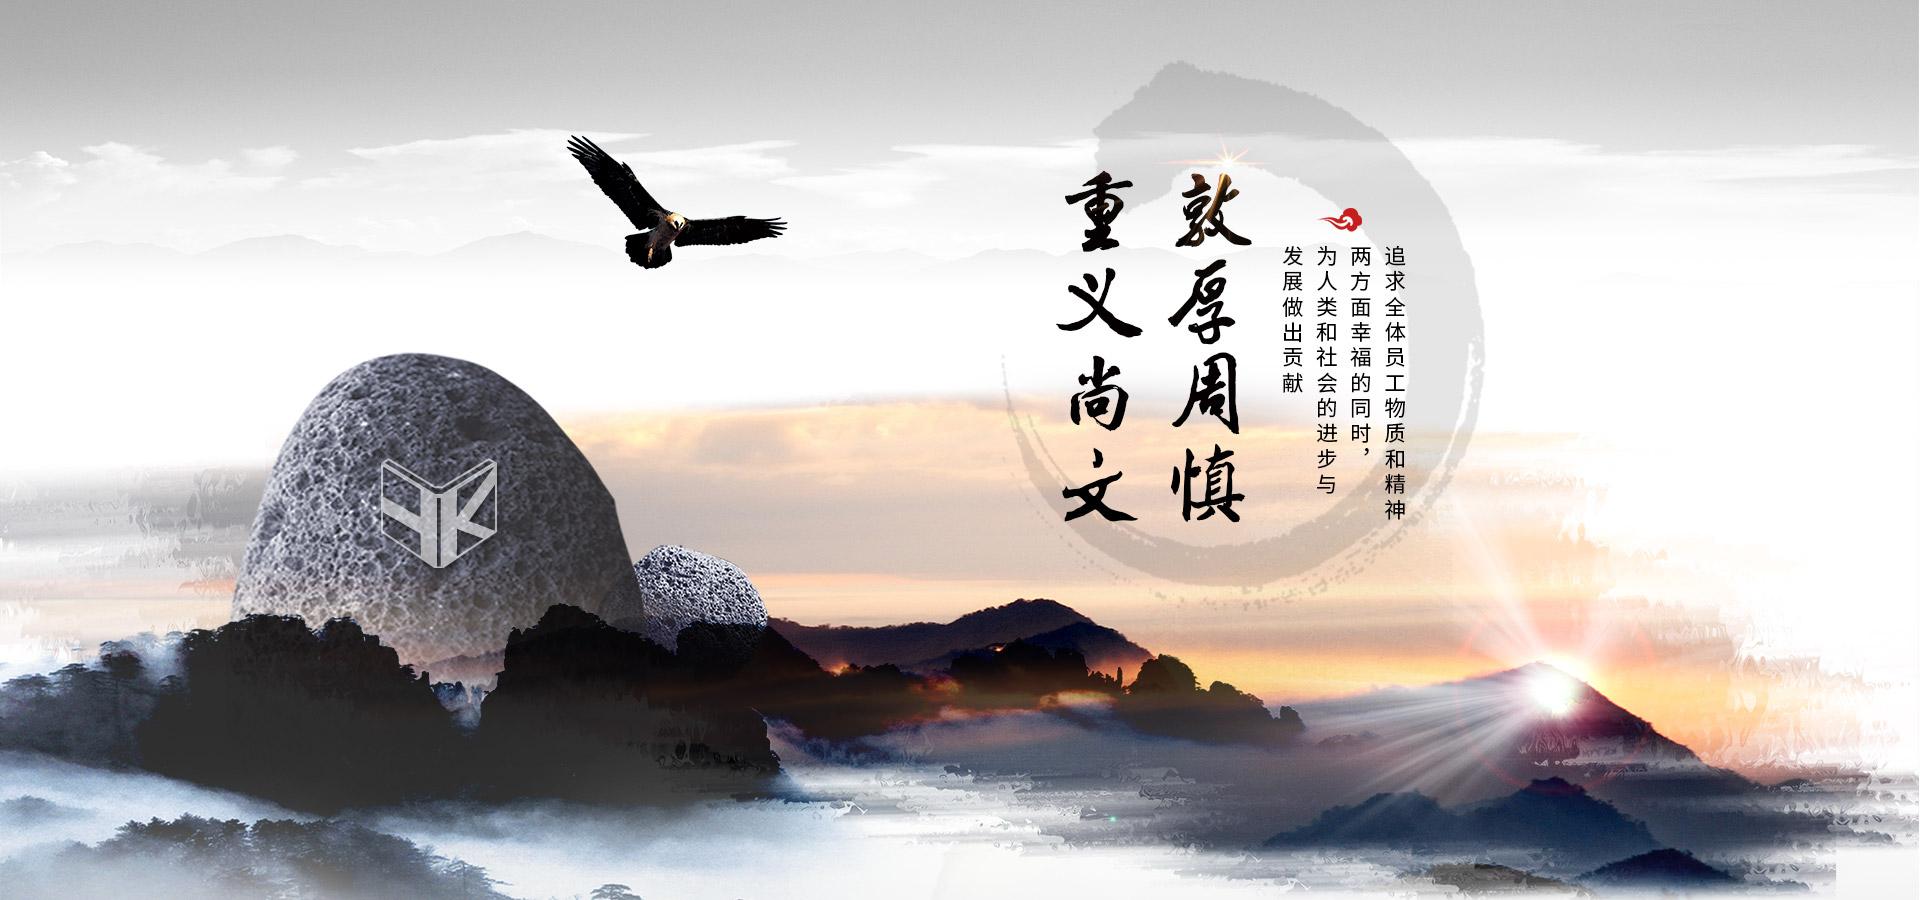 瑾图工业科技(上海)有限公司